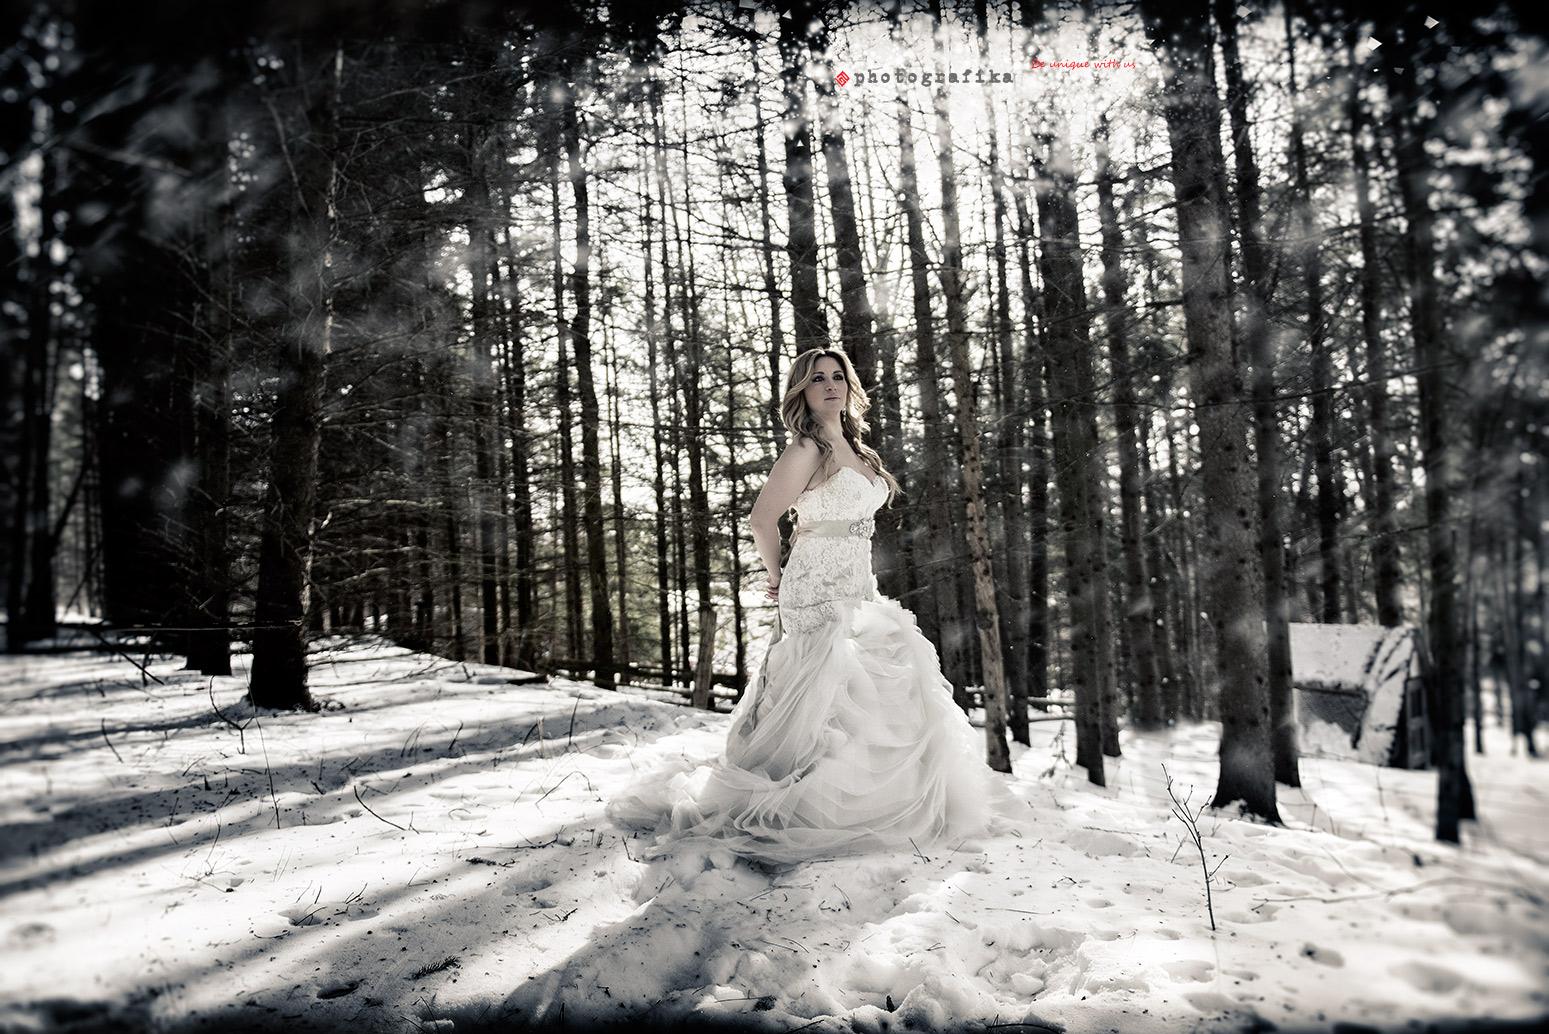 Unique Winter Engagement Photos D+S winter wedd...